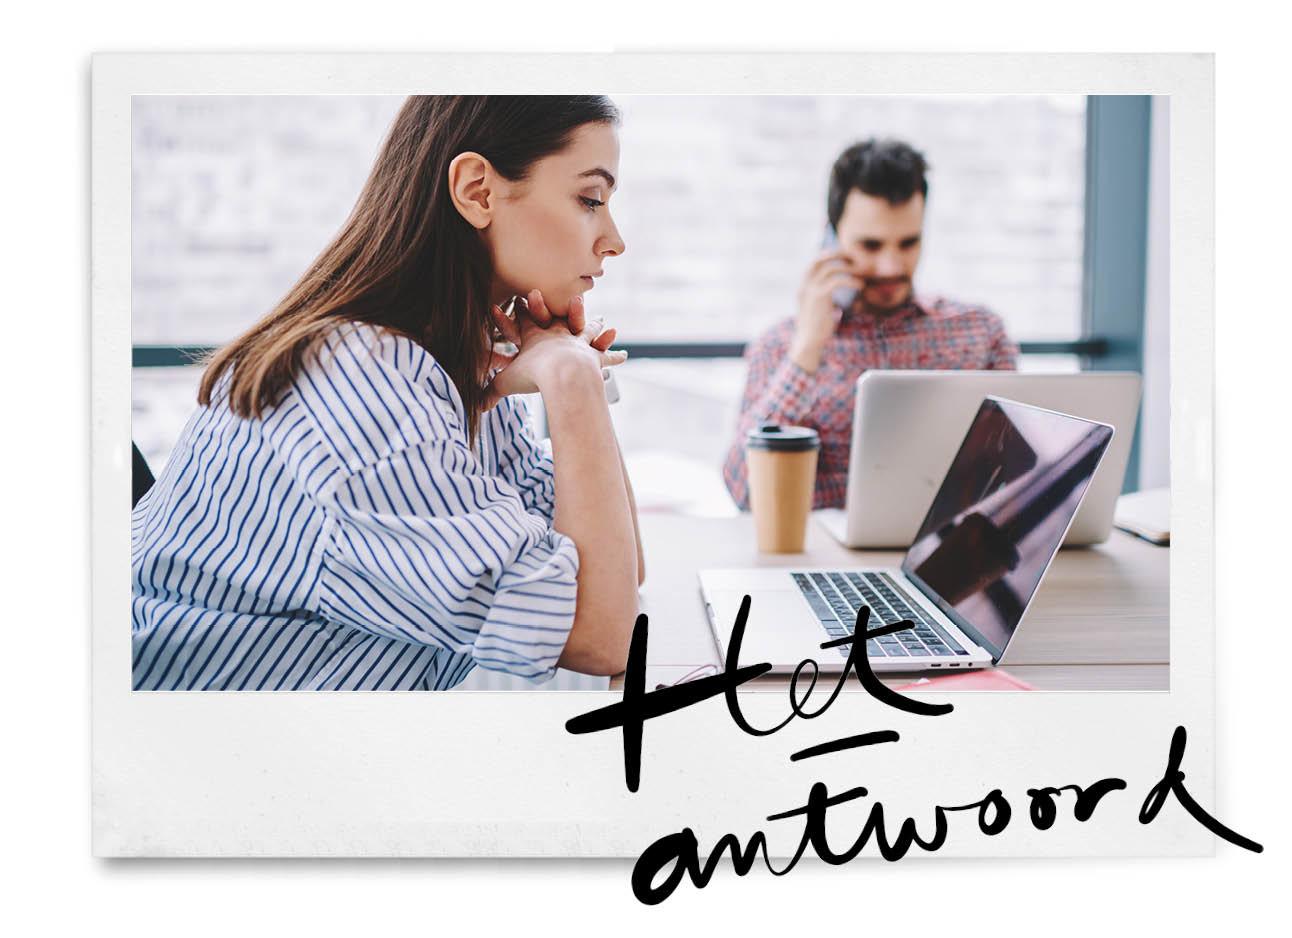 vrouw achter laptop geirriteerd en man op de achtergrond op werk